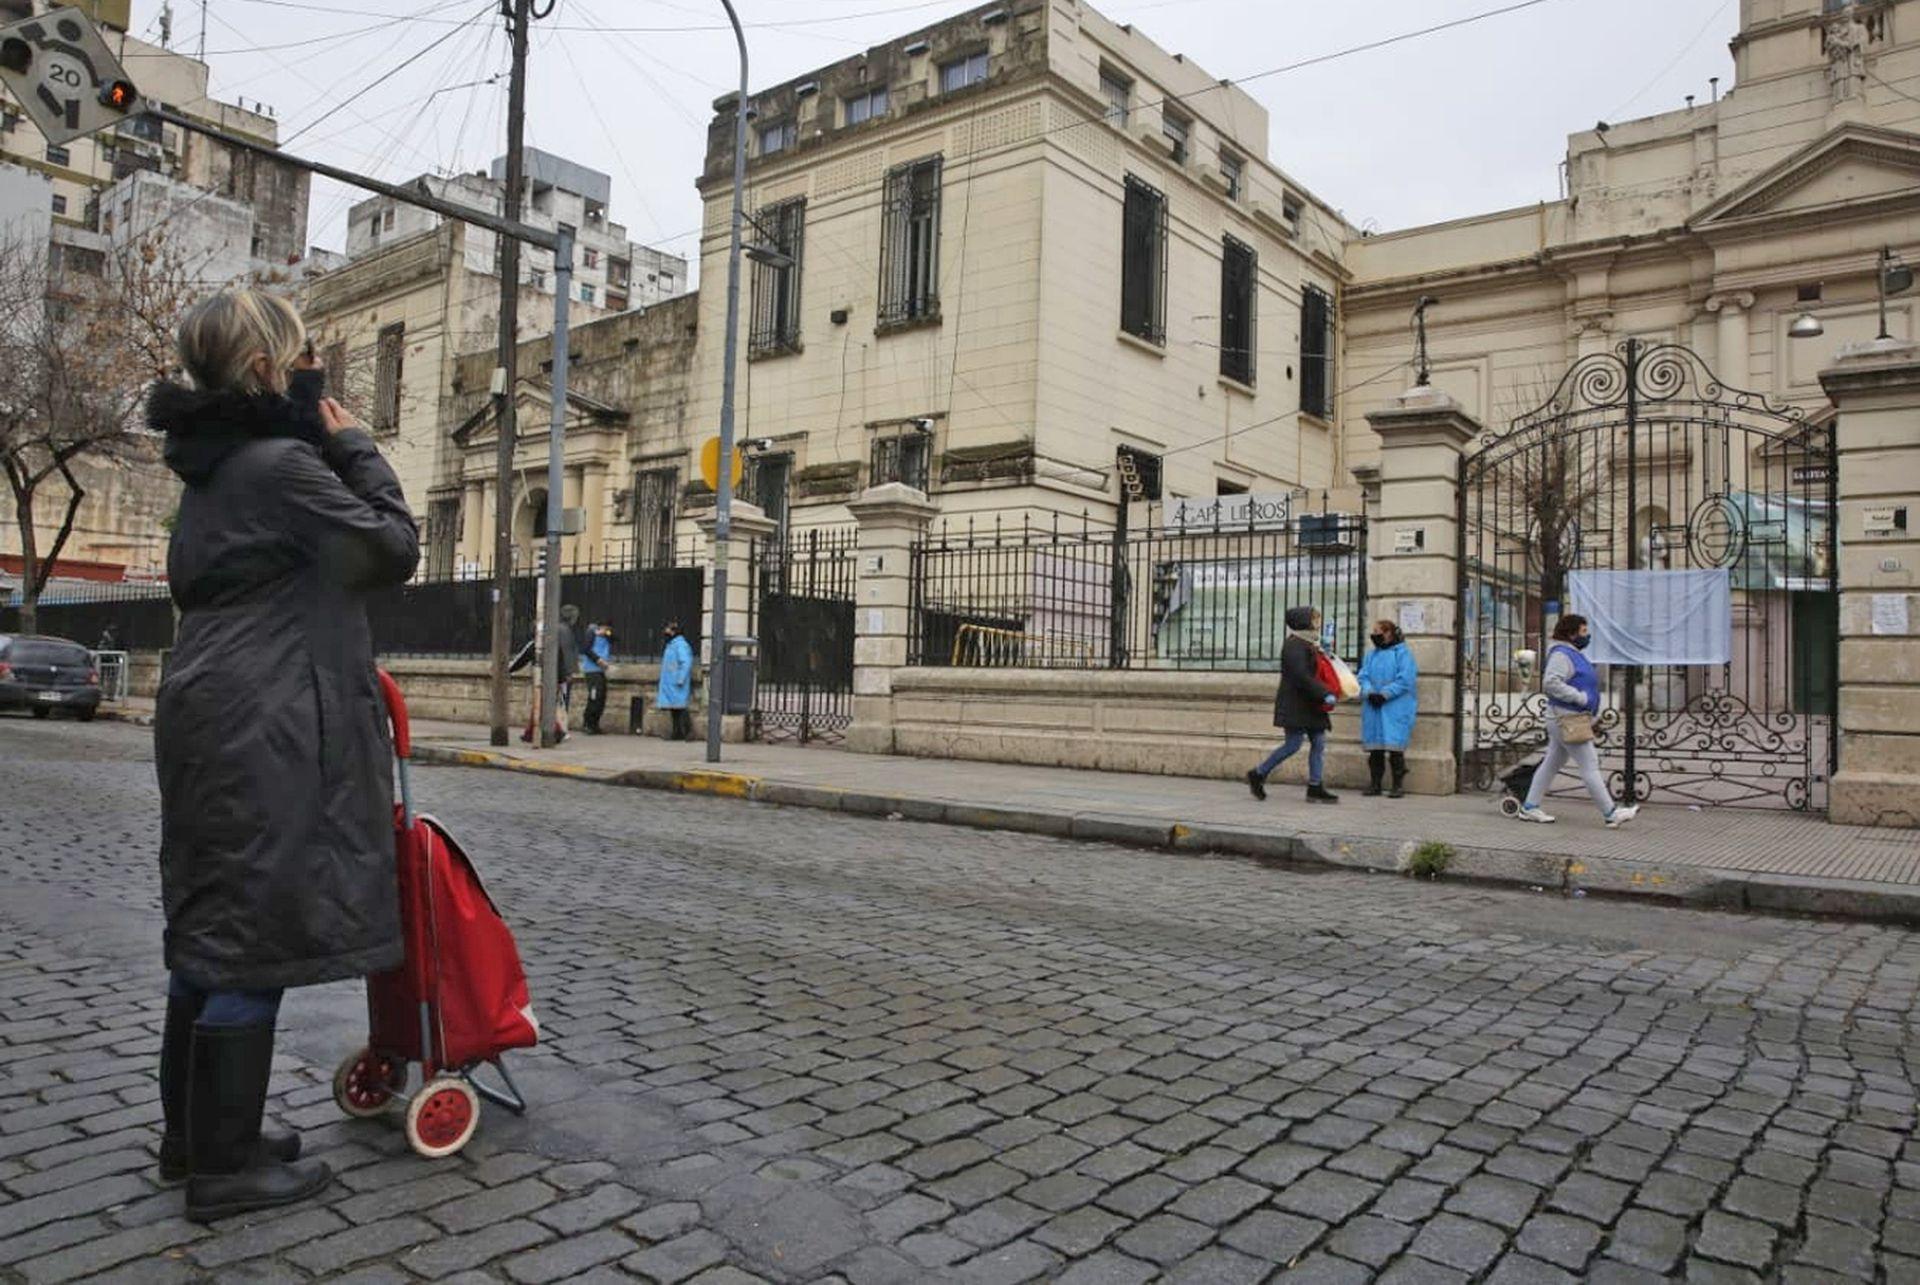 7 de agosto de 2020. En plena pandemia, la parroquia de San Cayetano sin fieles muestra una imagen inusual.